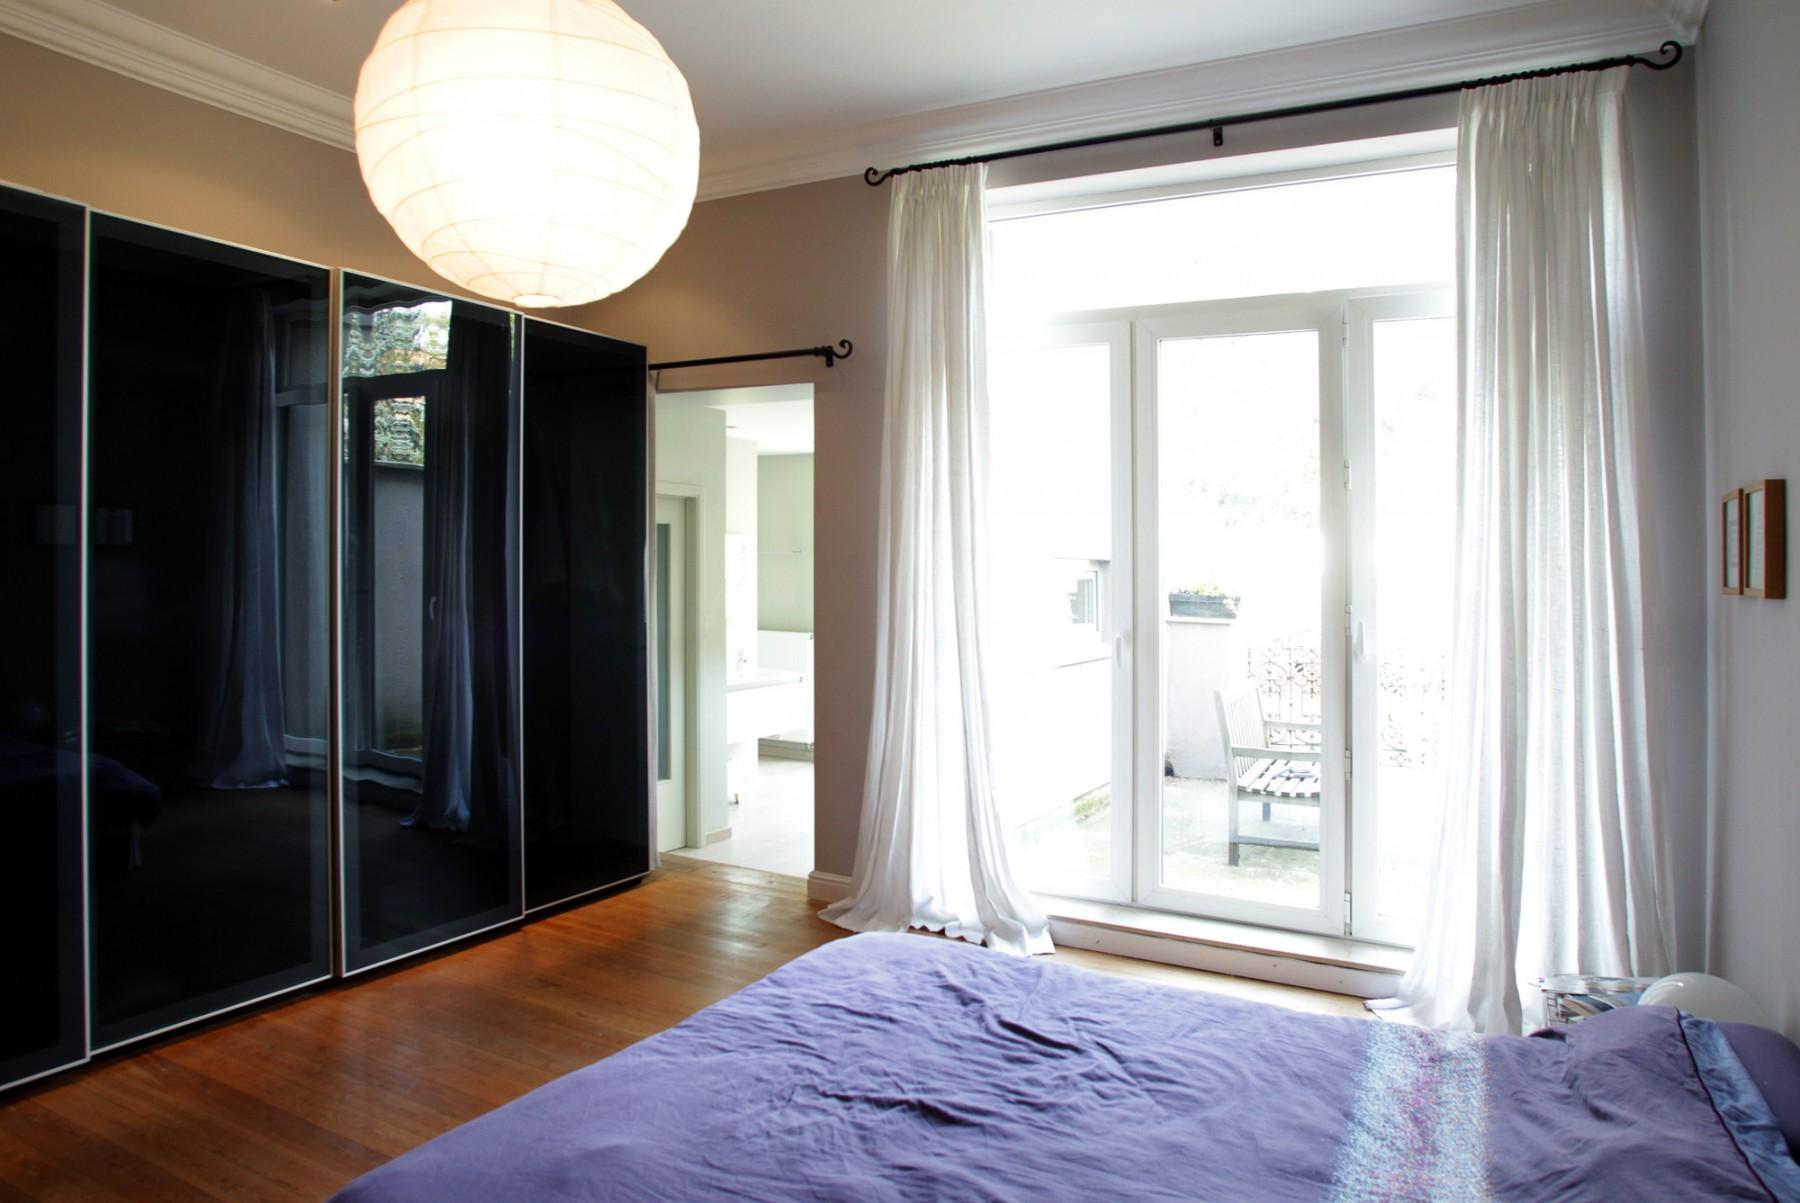 merni 009. Black Bedroom Furniture Sets. Home Design Ideas